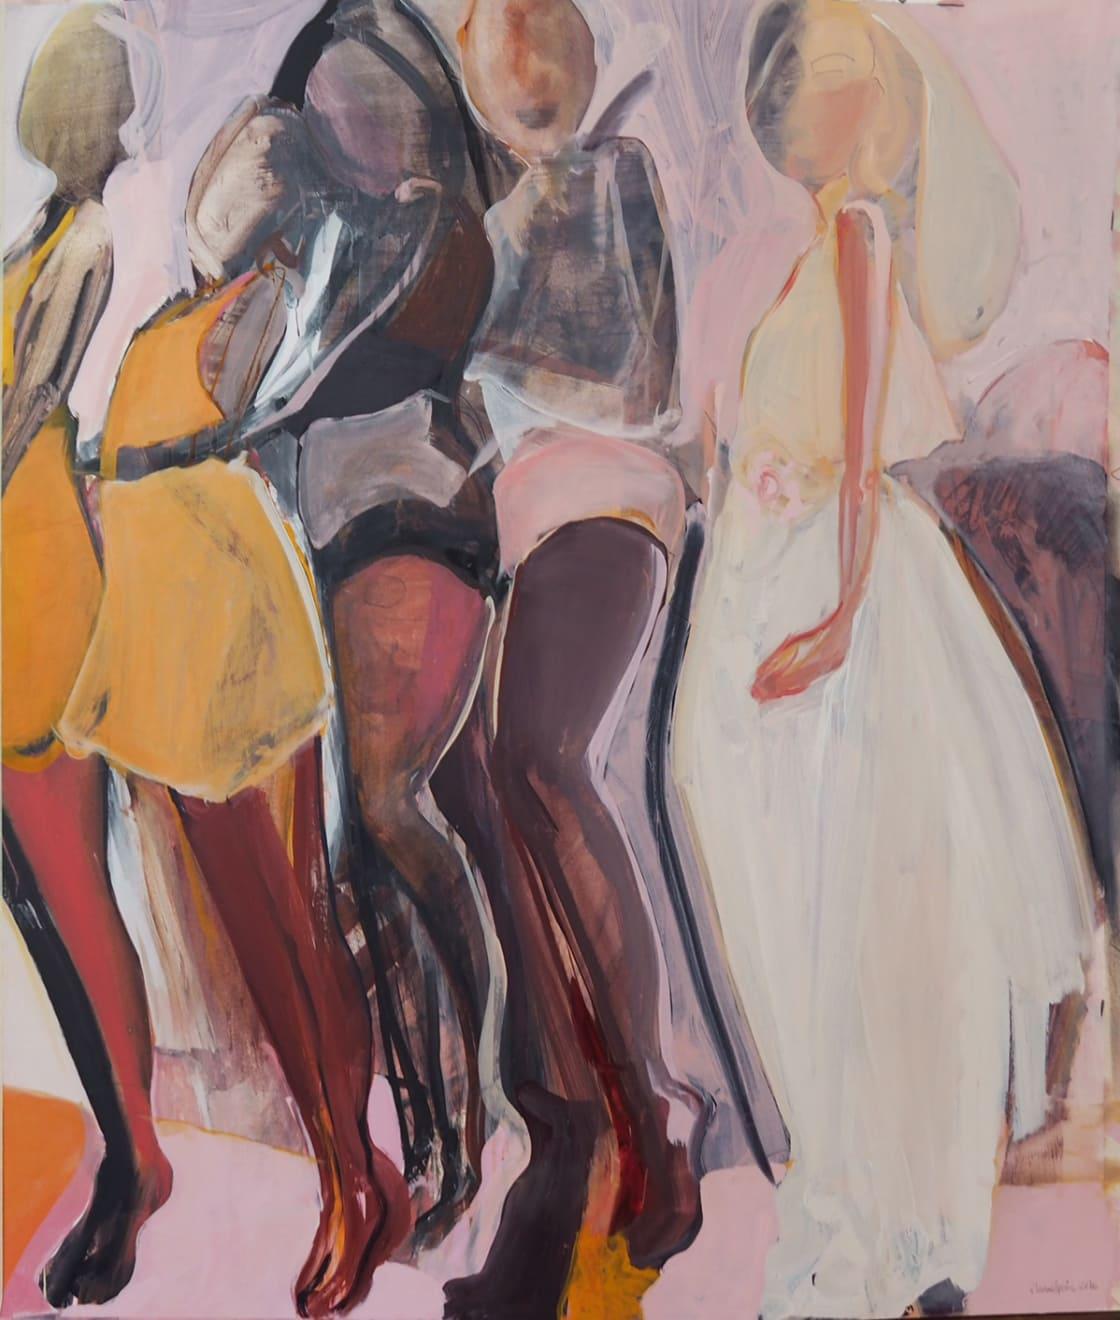 Elaine Speirs, White Goddess, 2016